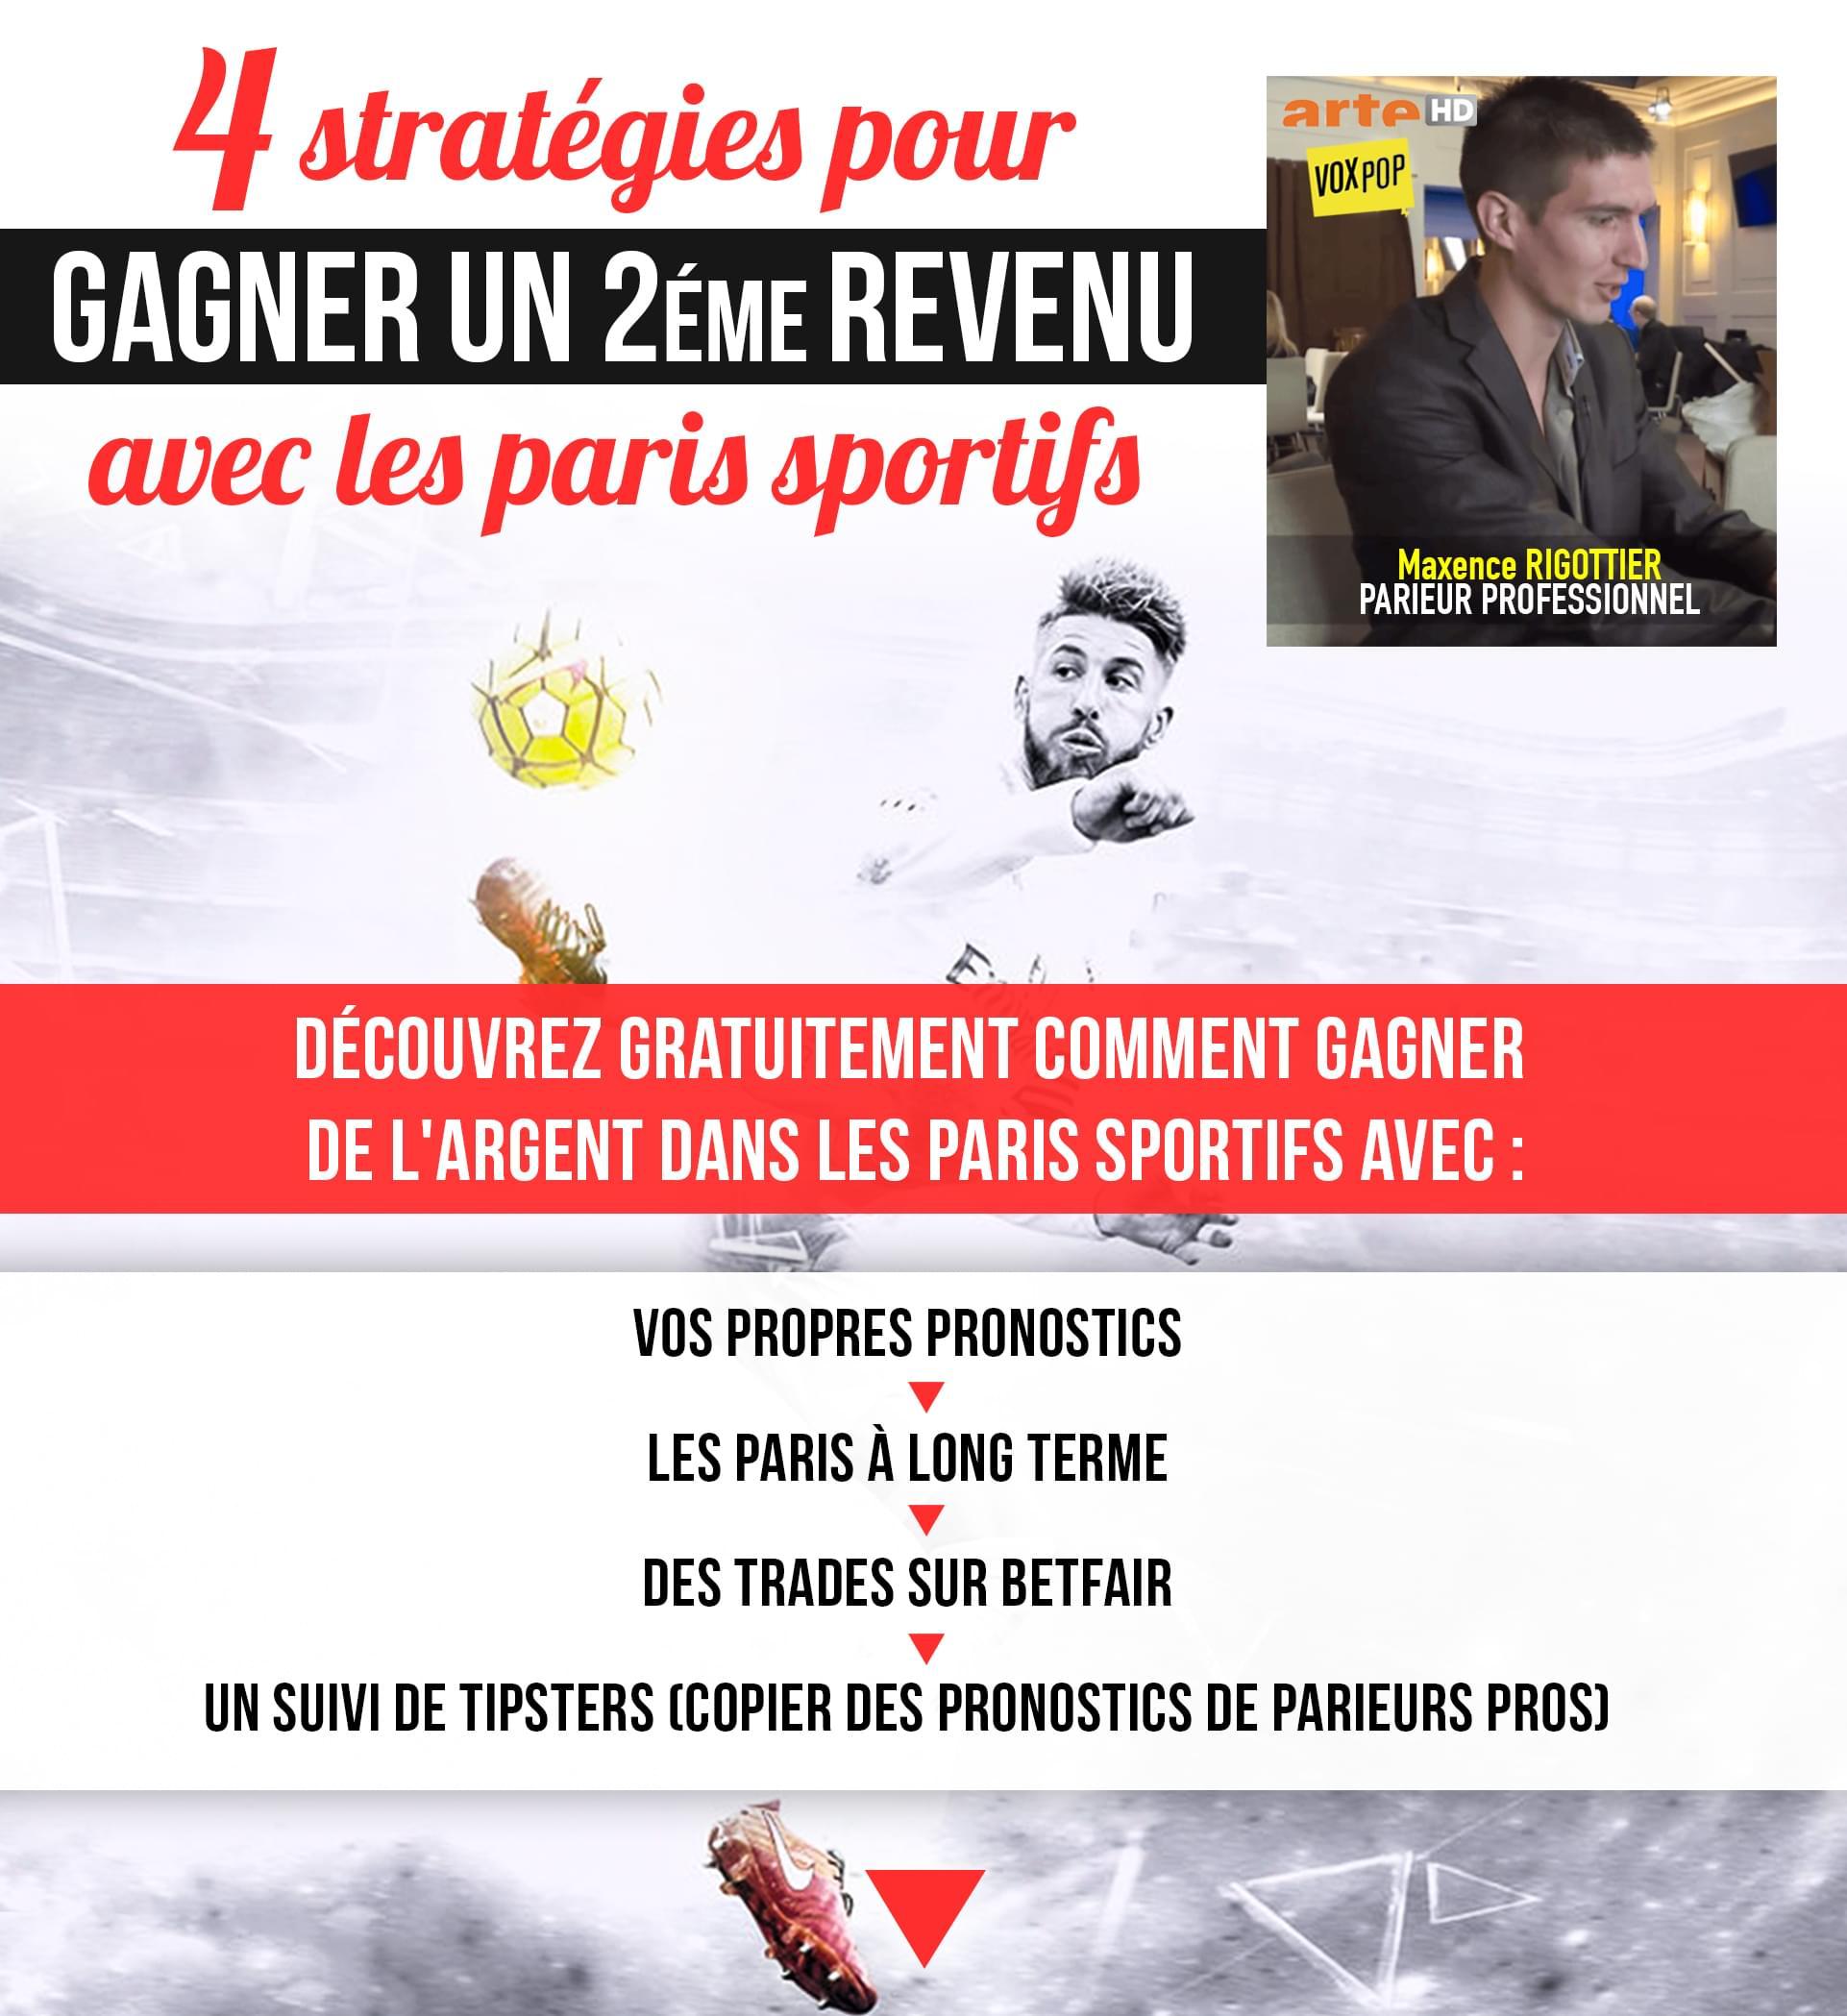 PARIS SPORTIF TECHNIQUE PROFESSIONNEL